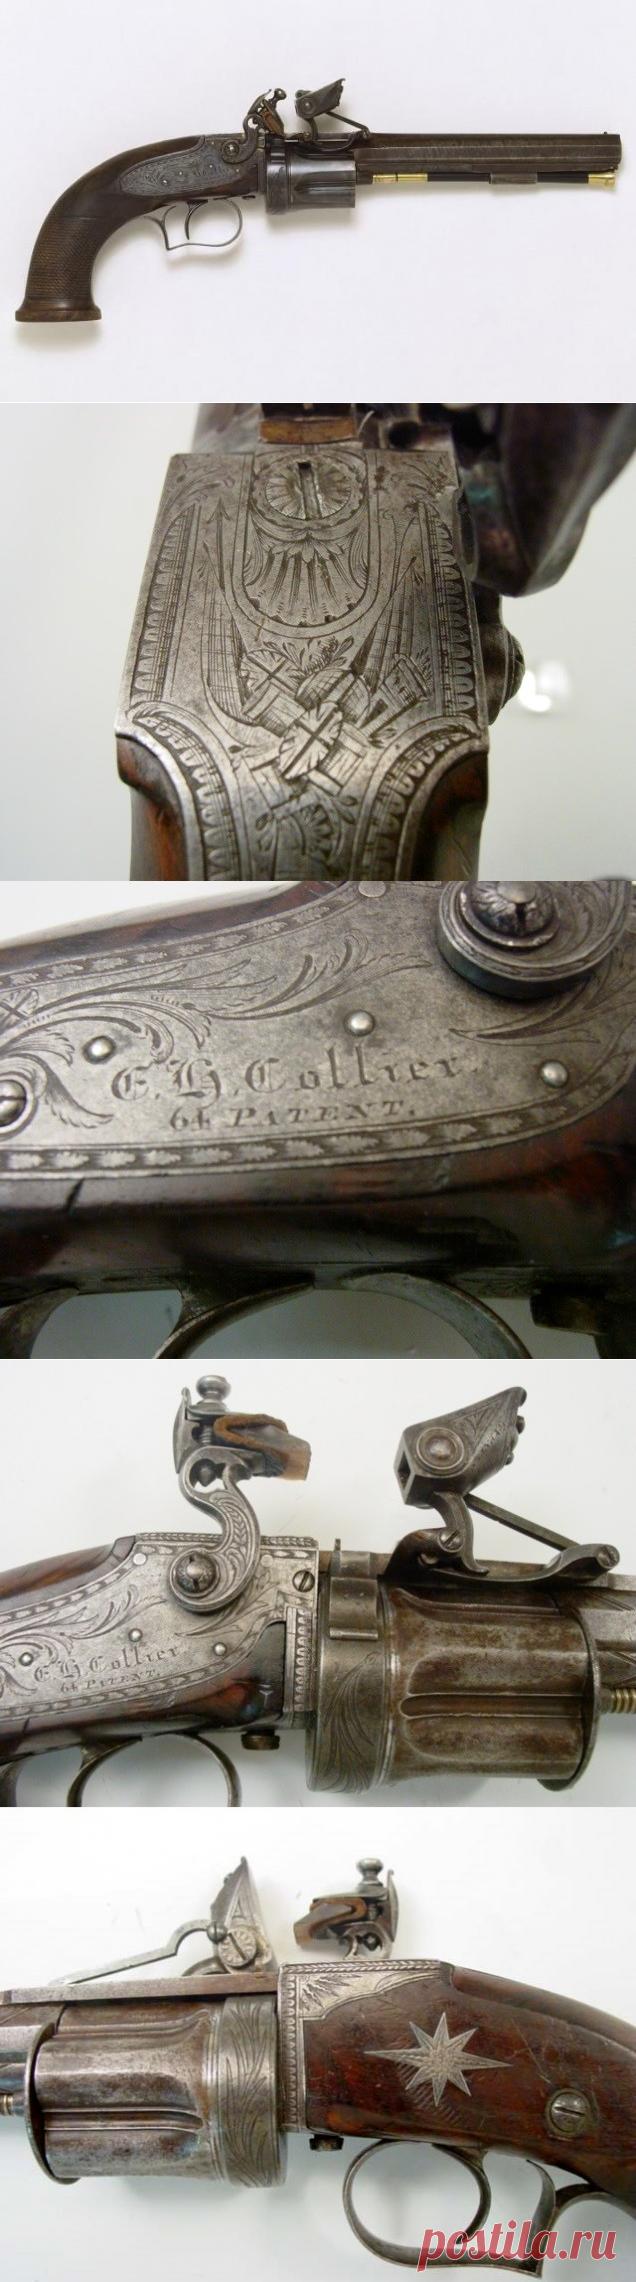 весы кремниевый револьвер коллиера фото рекомендую его только